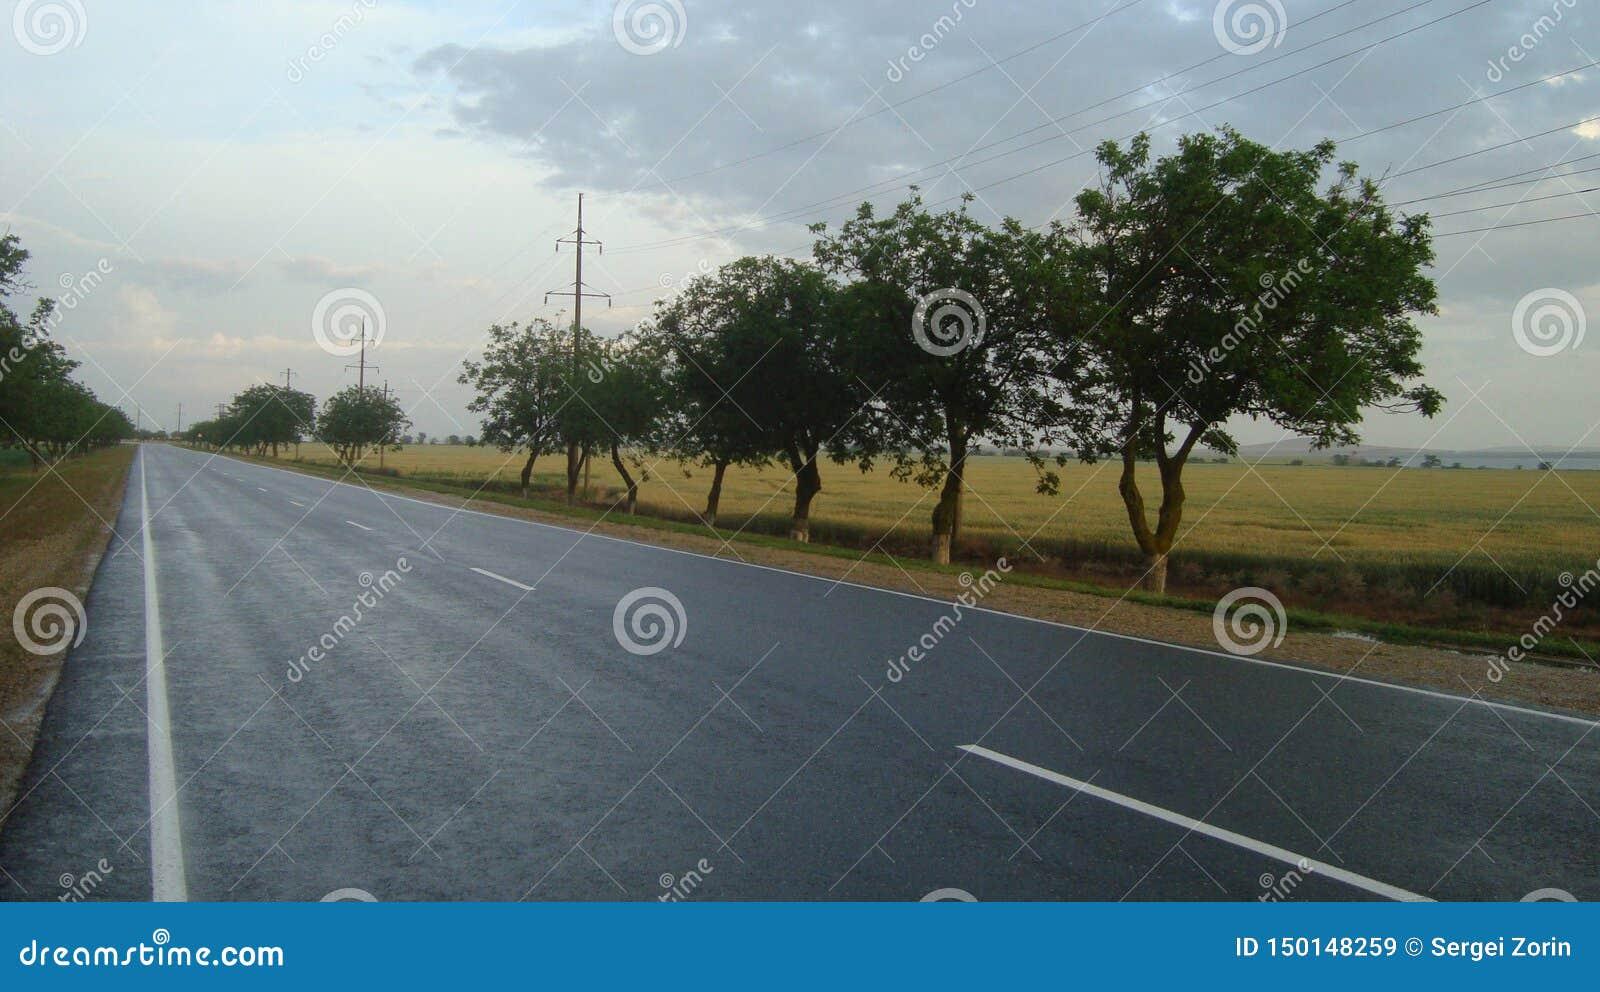 Ομαλός ευθύς δρόμος ασφάλτου έξω από την πόλη μετά από τη βροχή